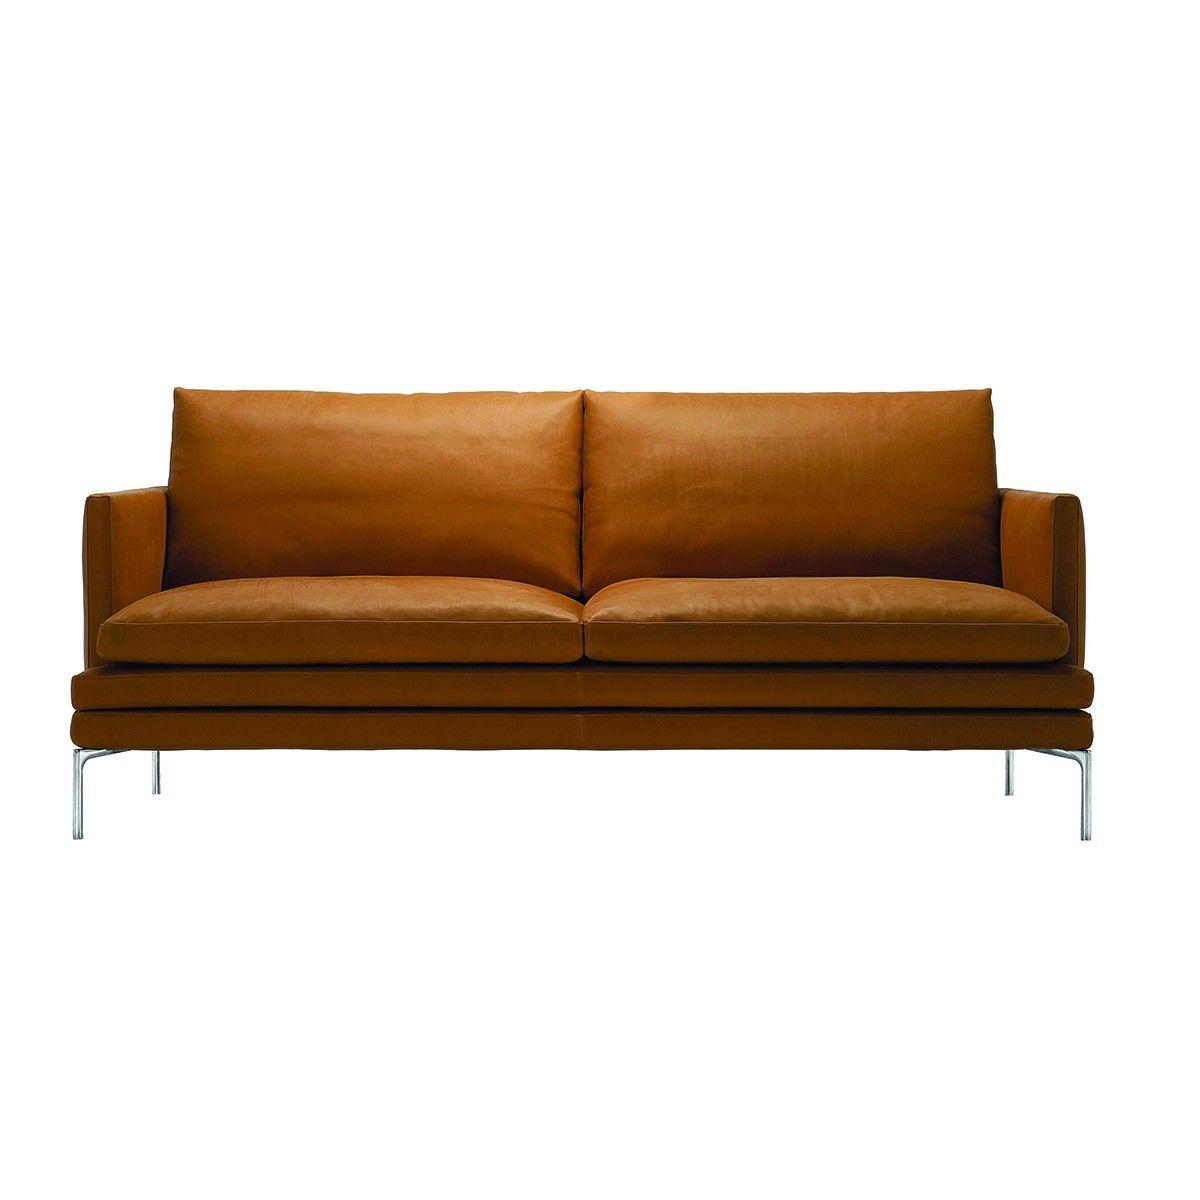 william cuir canap zanotta meubles pinterest mobilier de salon canap cuir et mobilier. Black Bedroom Furniture Sets. Home Design Ideas